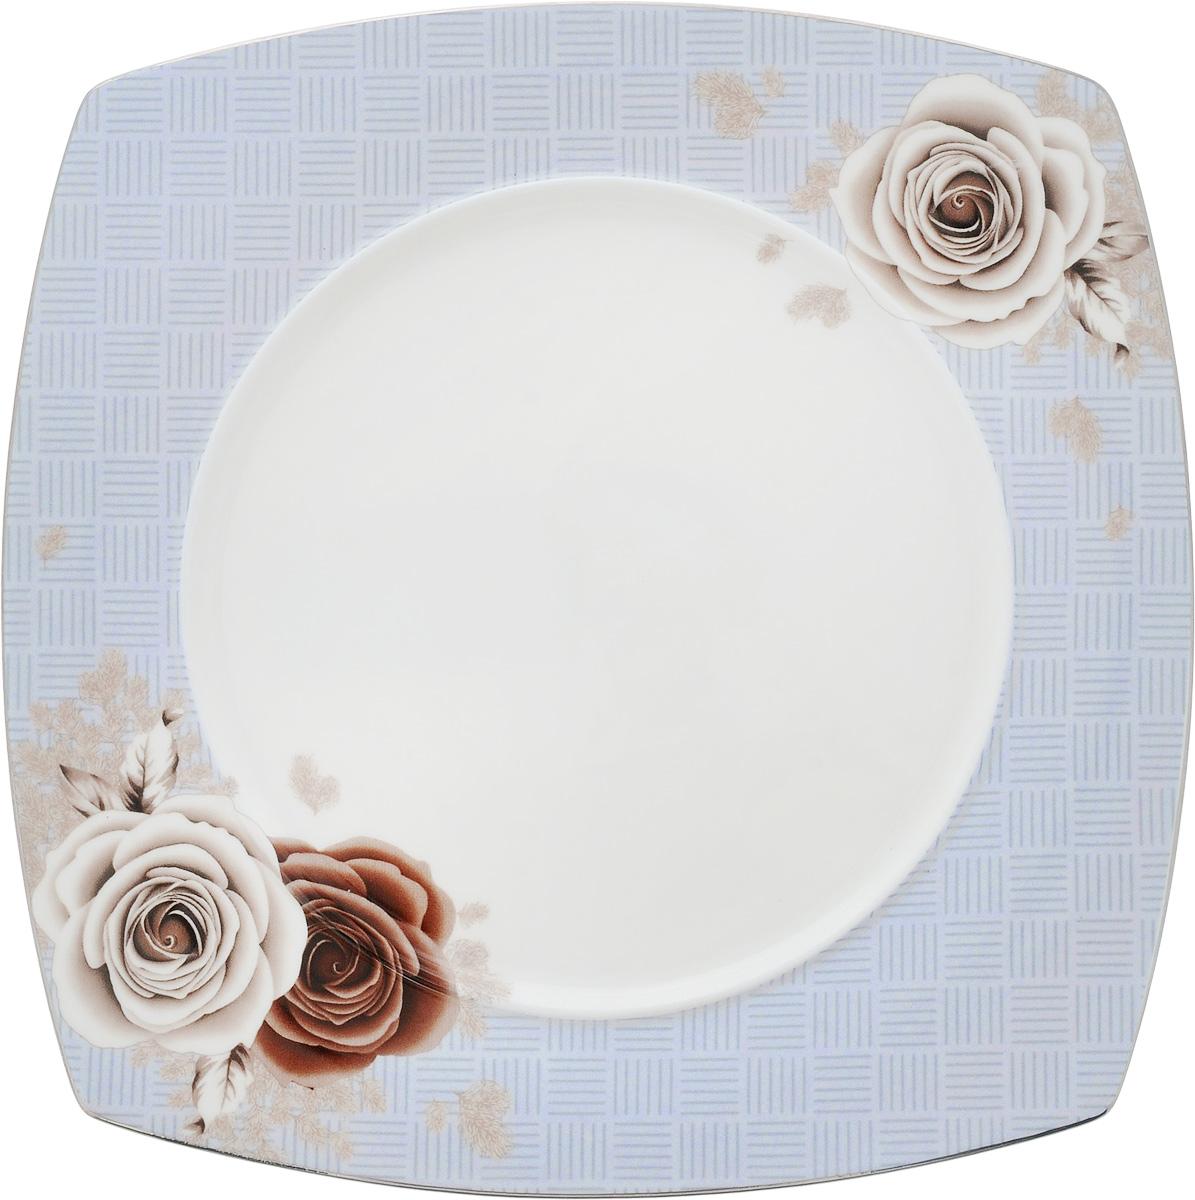 Тарелка Дэниш, 20 x 20 см115610Тарелка Дэниш изготовлена из качественного фарфора. Изделие декорировано цветочным рисунком. Такая тарелка отлично подойдет в качестве блюда для сервировки закусок и нарезок, ее также можно использовать как обеденную.